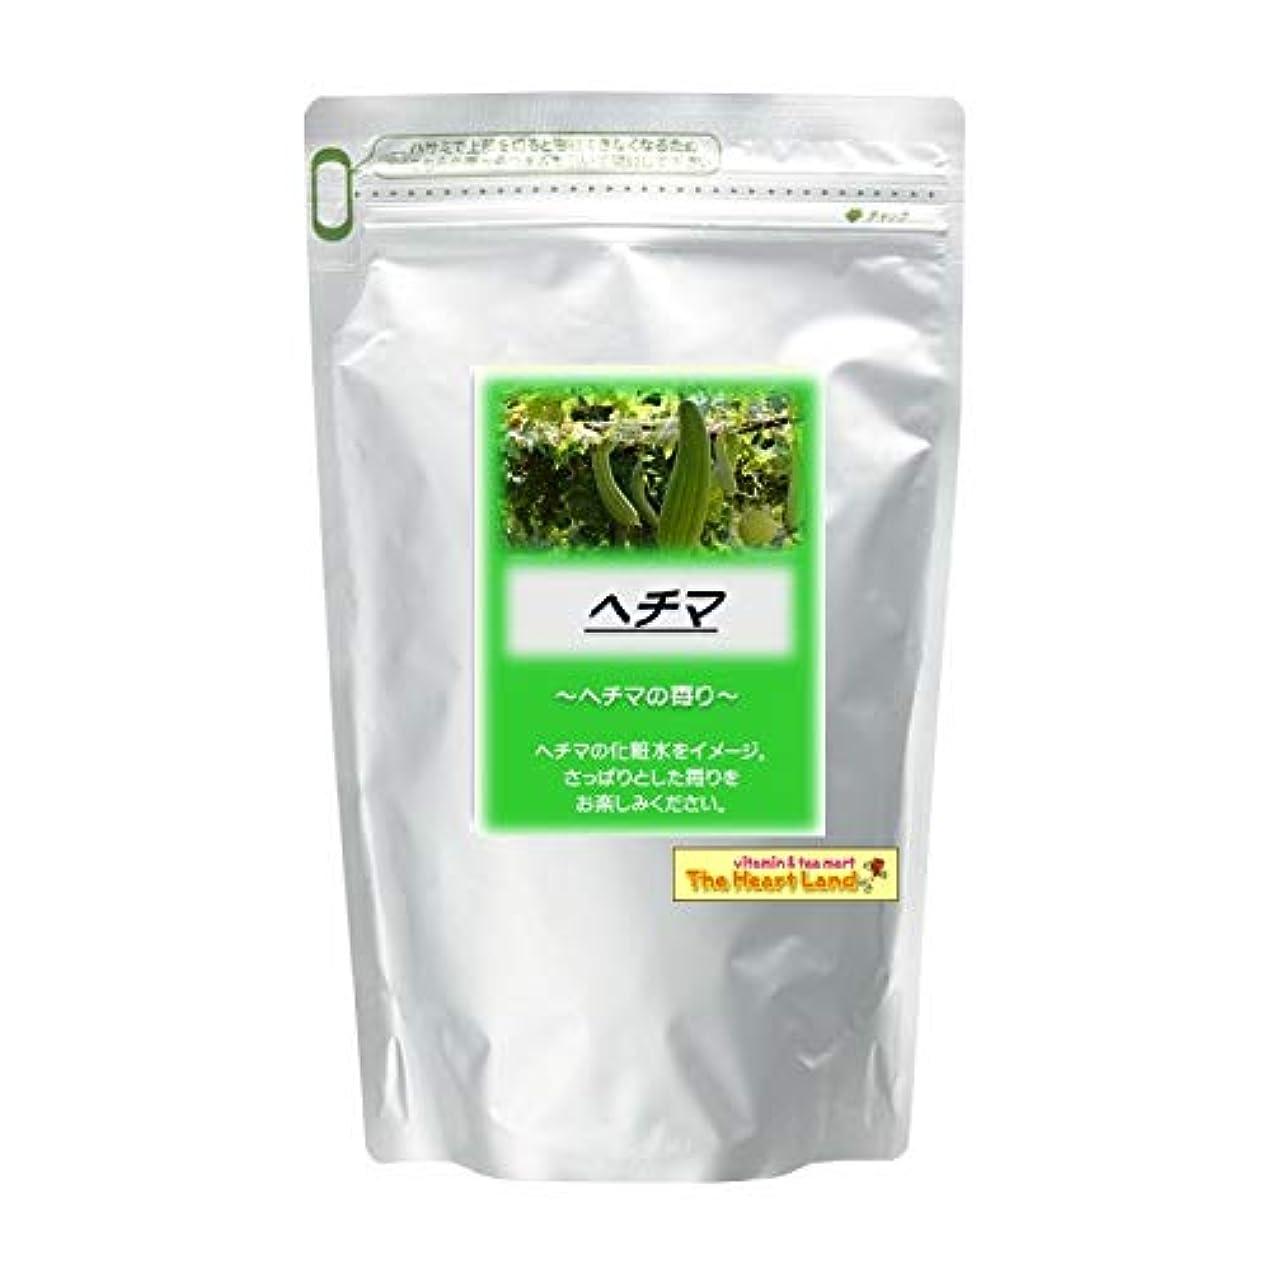 炭素取り壊す原始的なアサヒ入浴剤 浴用入浴化粧品 ヘチマ 2.5kg